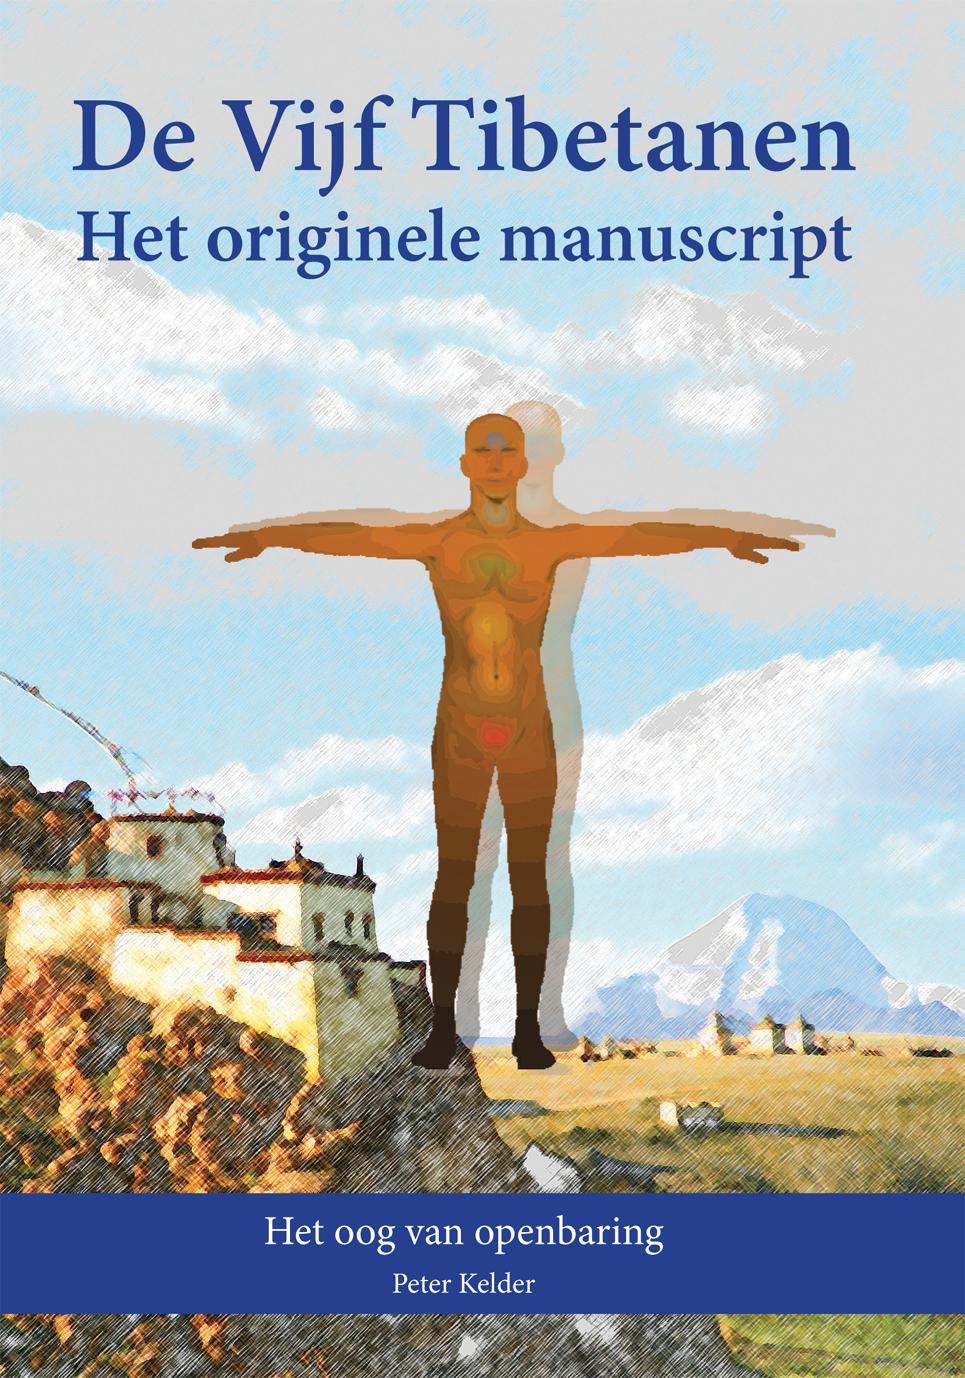 De Vijf Tibetanen boek